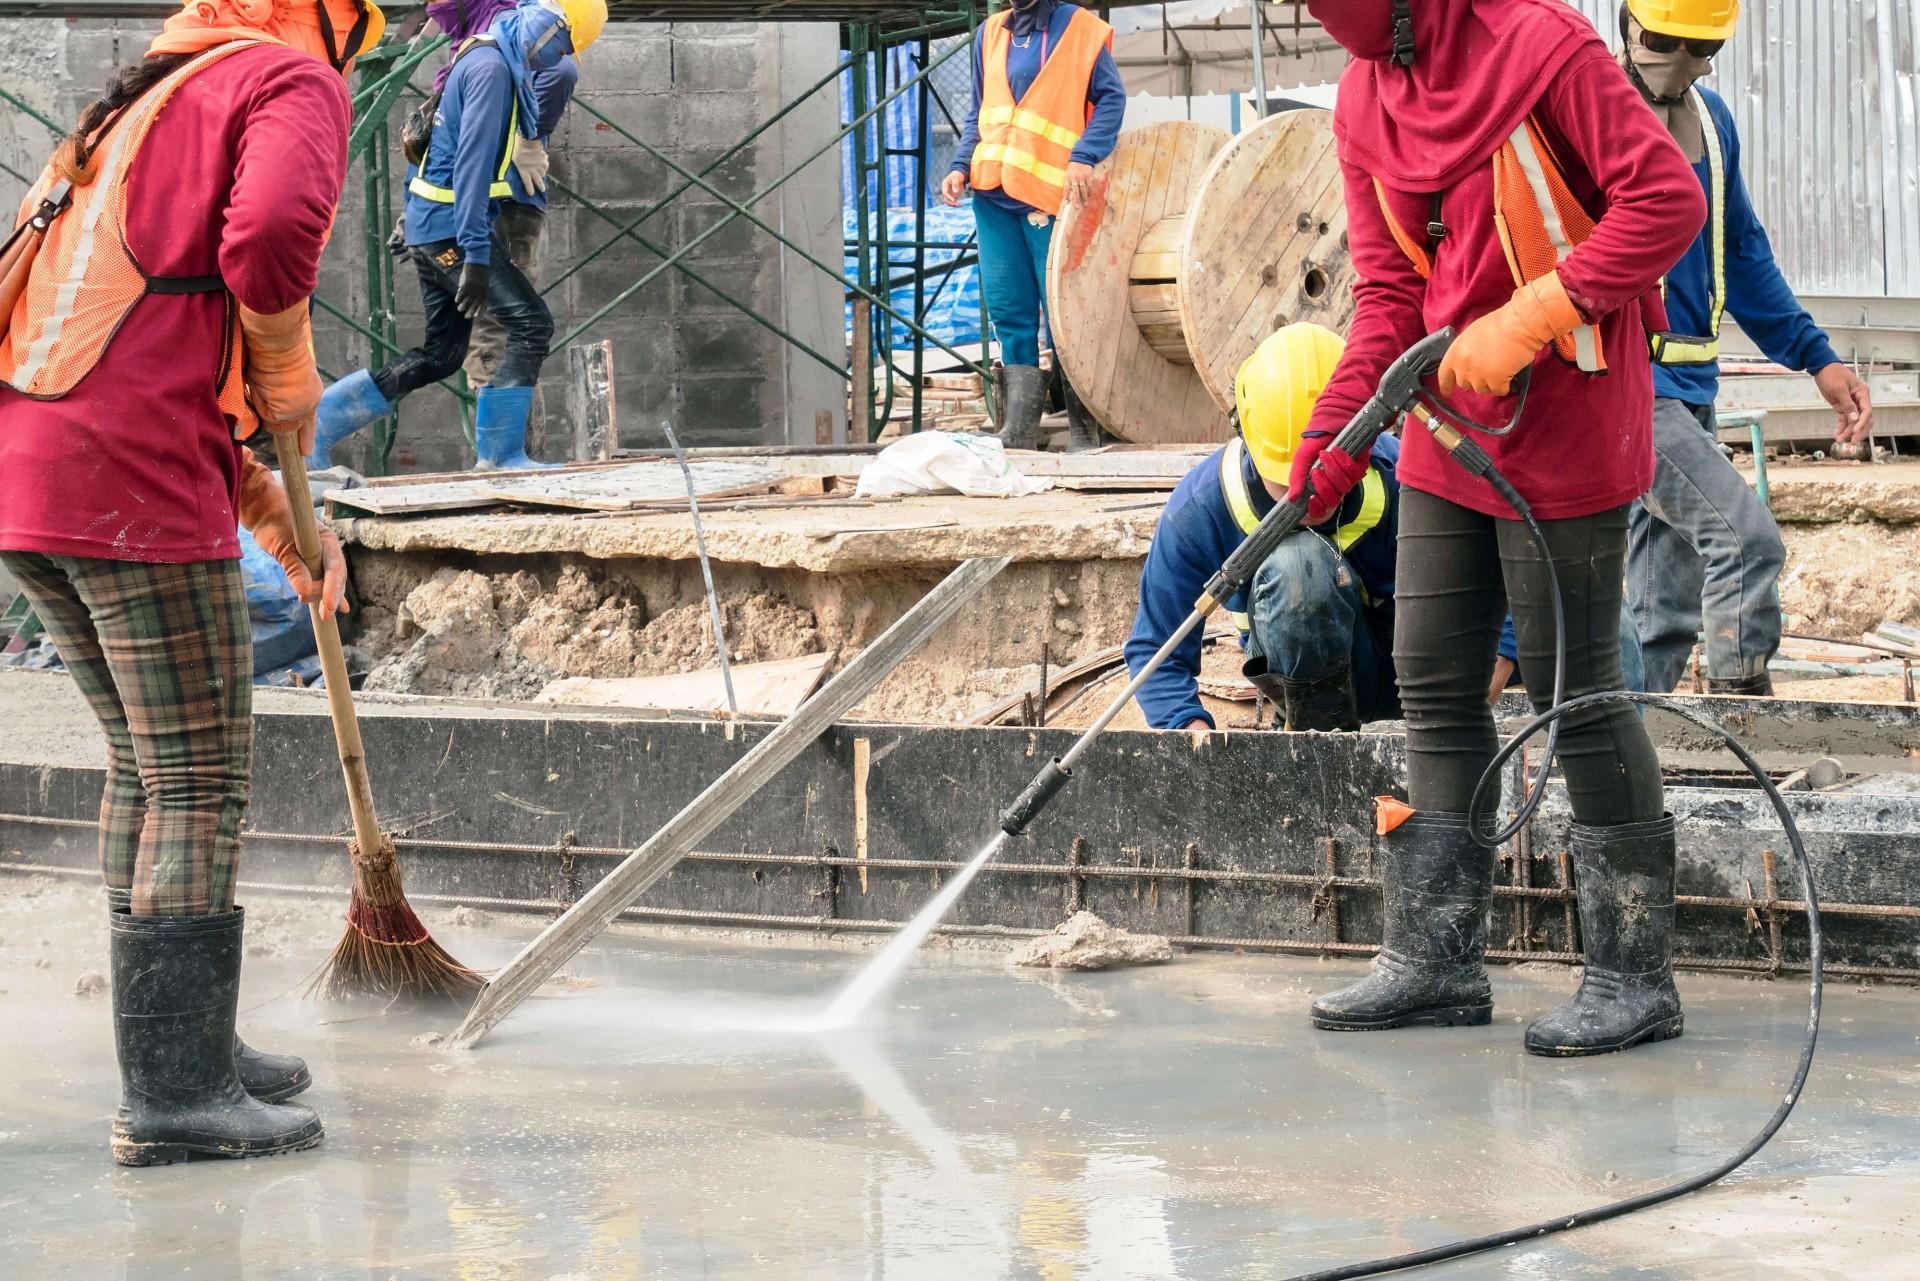 Uso racional da água reflete no custo da obra, principalmente quando há escassez do recurso natural Crédito: Shutterstock